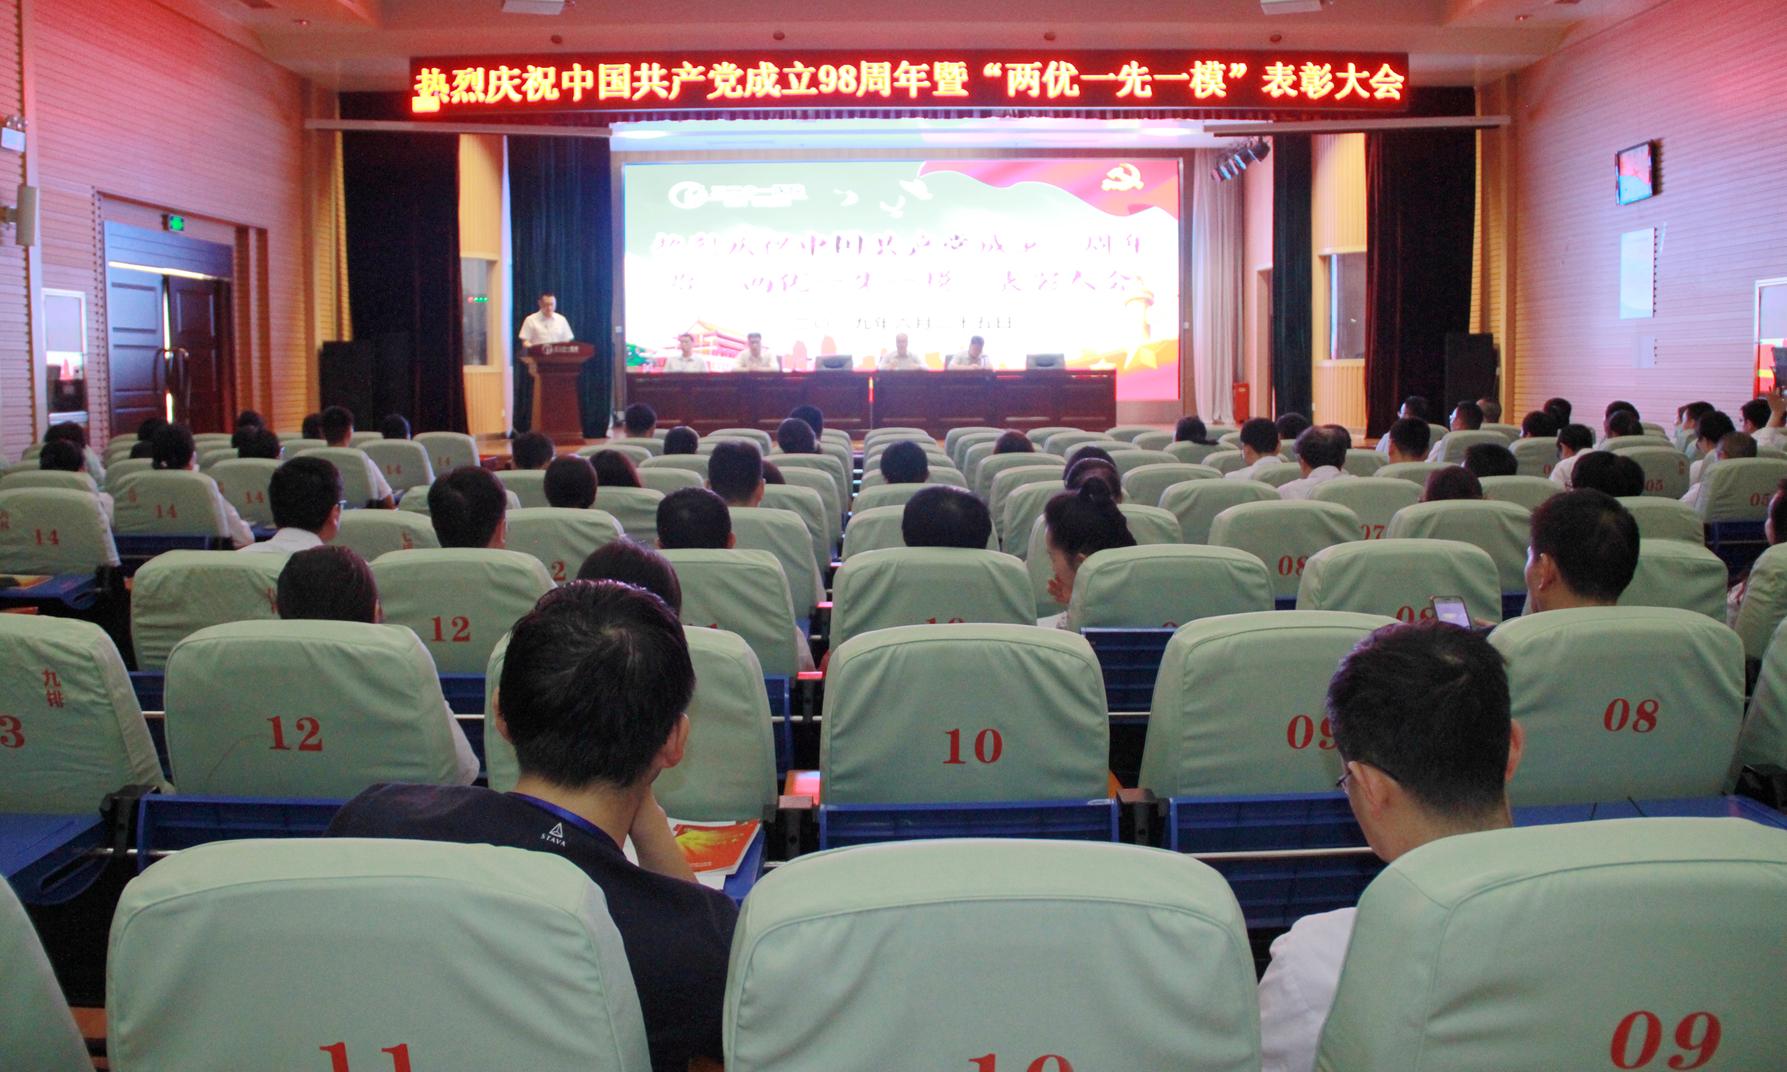 3201醫院舉行中國共產黨成立98周年慶祝暨表彰大會